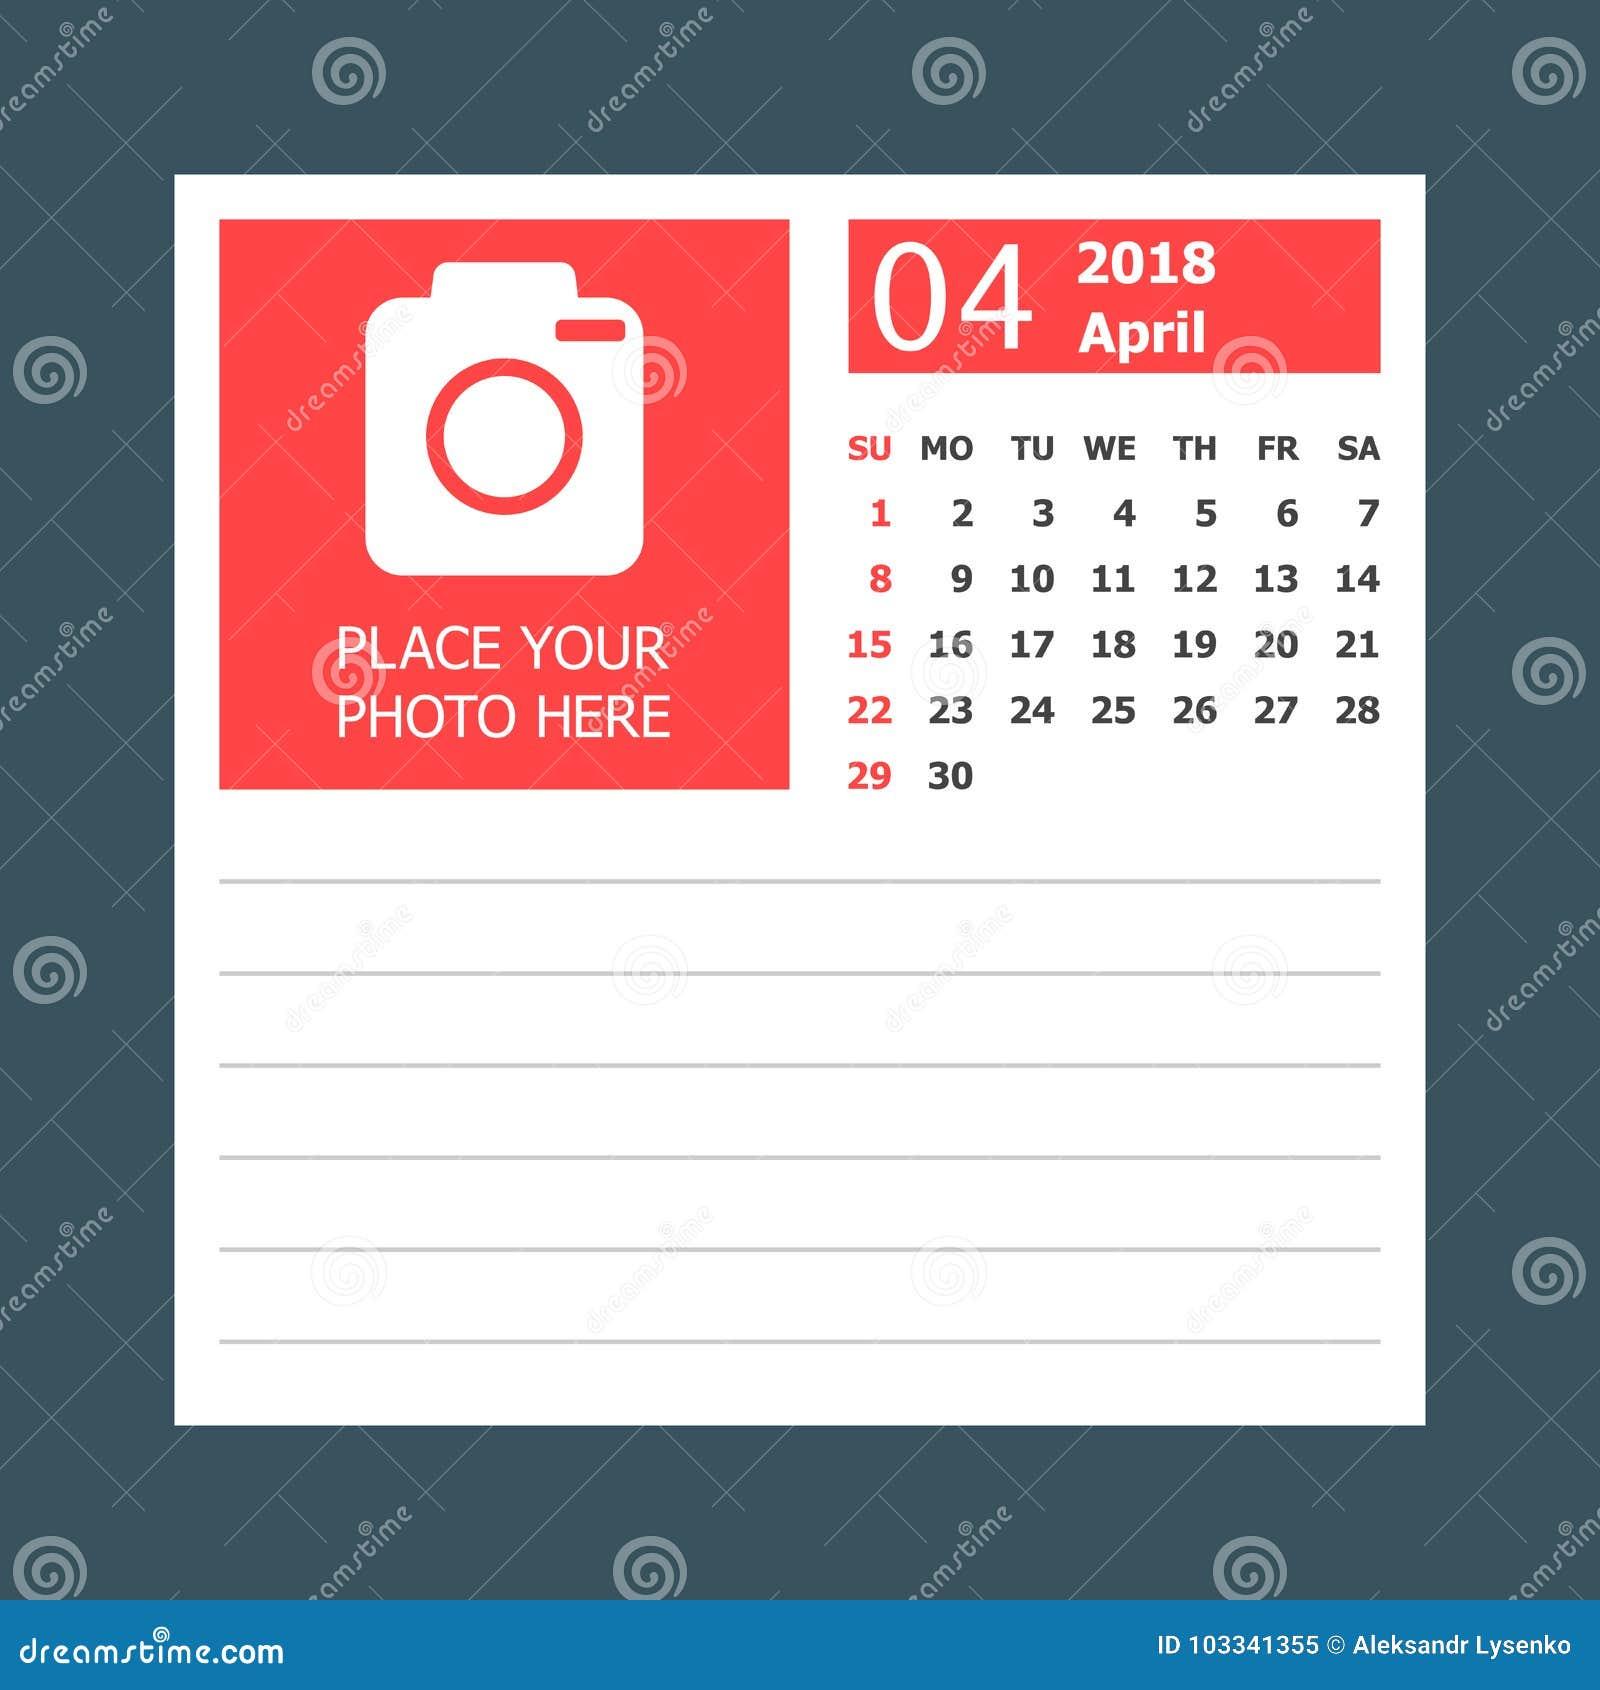 april 2018 calendar calendar planner design template week star